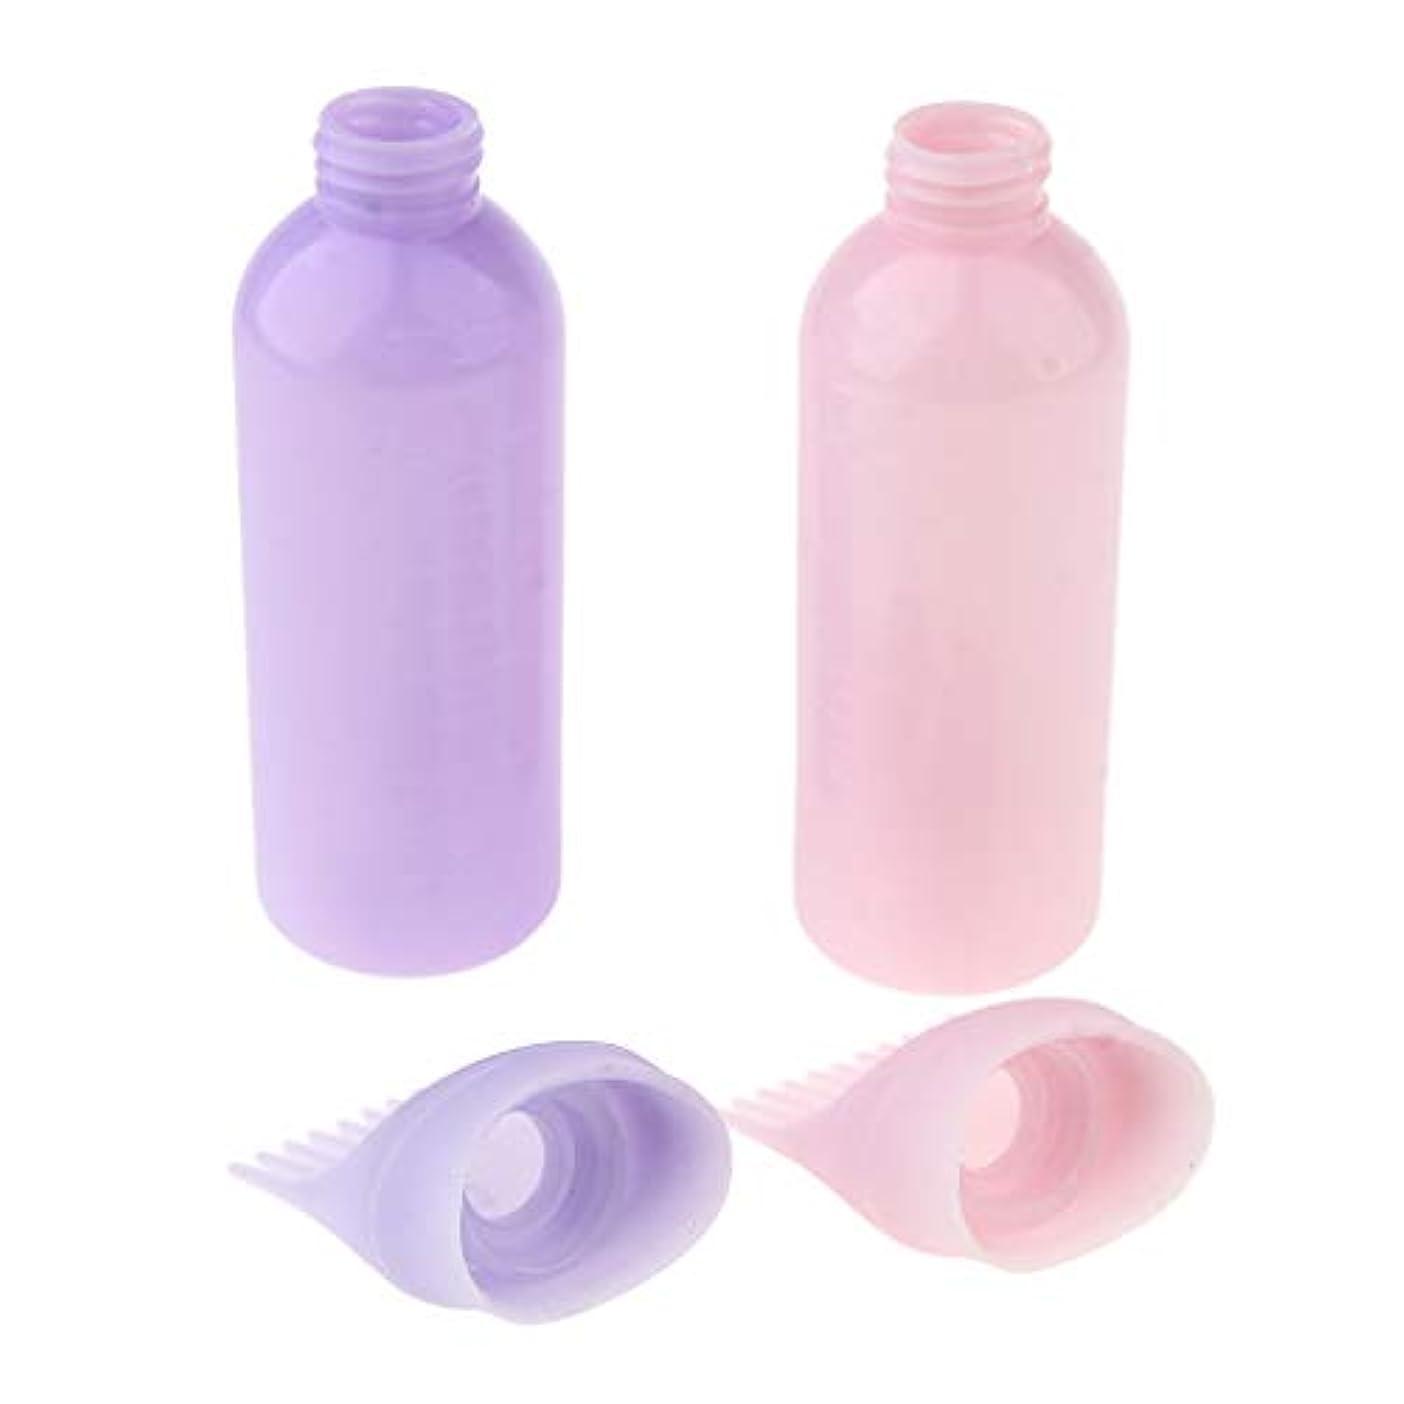 母性ピンク束ねる全2個 ヘアカラー 毛染め 着色ボトル ヘアダイコーム ブラシ サロン 美容師 ツール